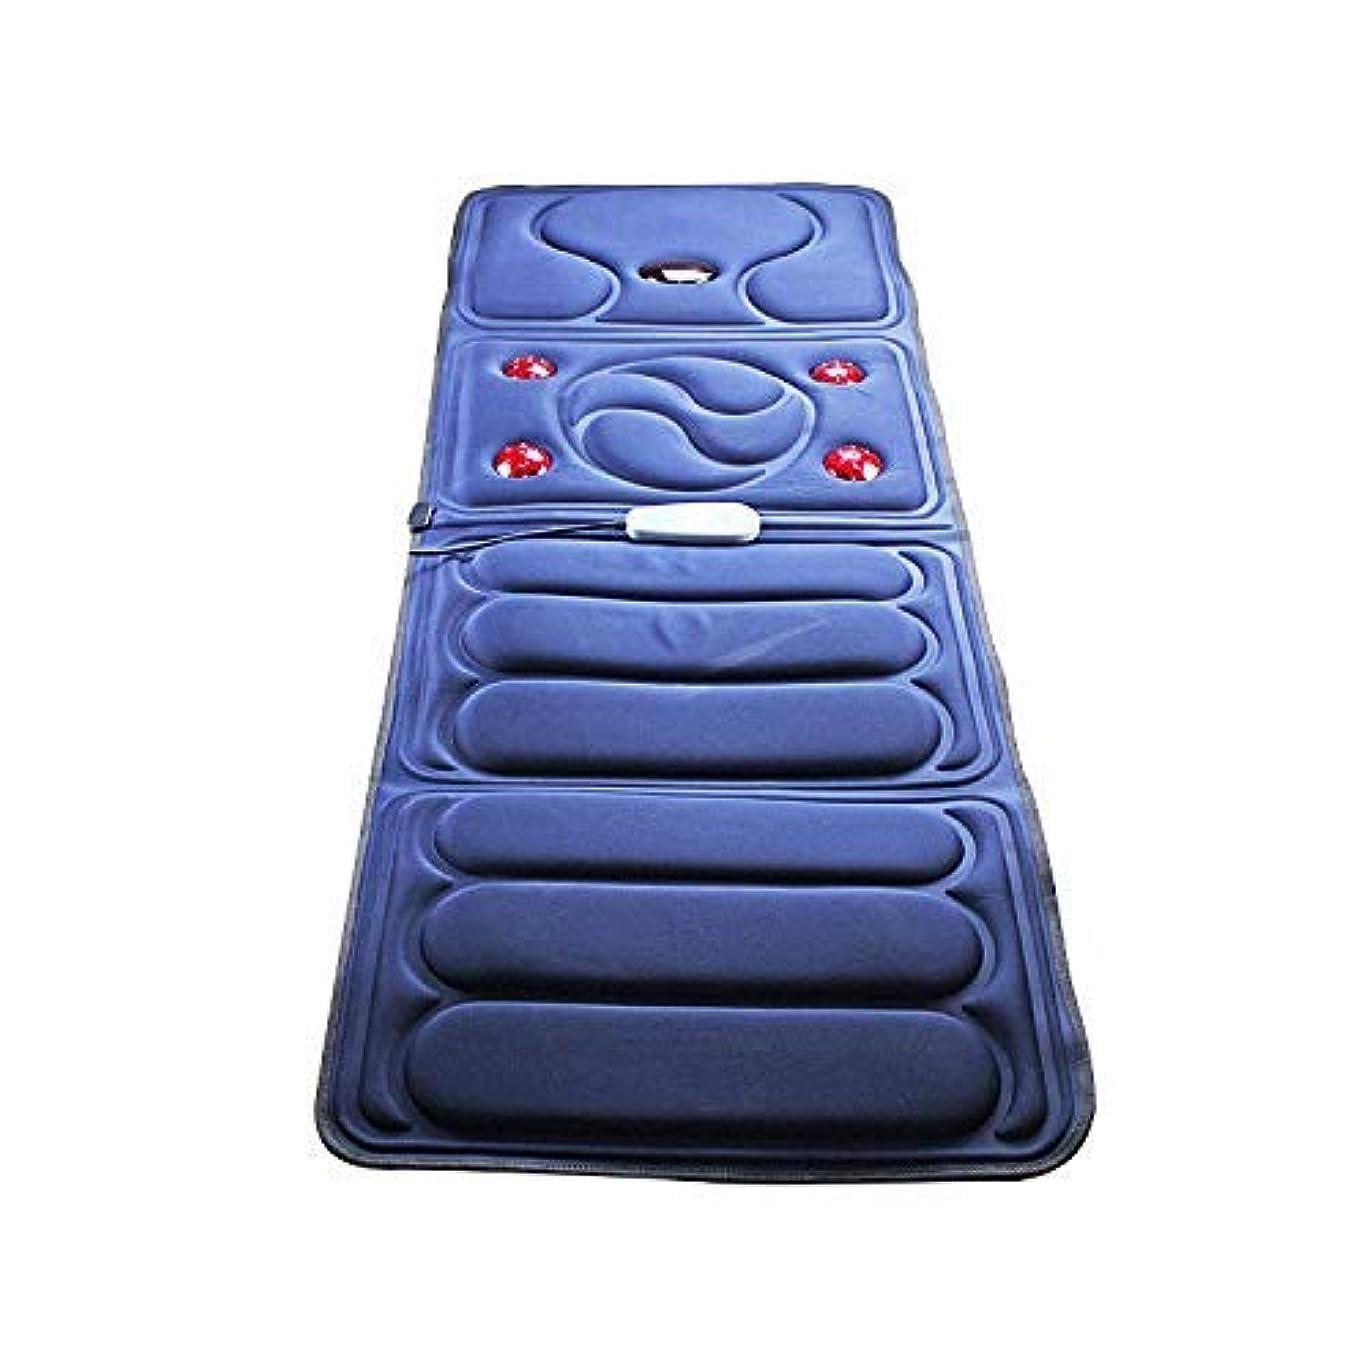 寛容なホールプラグ折り畳み式全身マッサージブランケット中高年のヘルスケアマッサージクッション多機能加熱ショックマッサージクッション家庭用マッサージ機器,ブルー